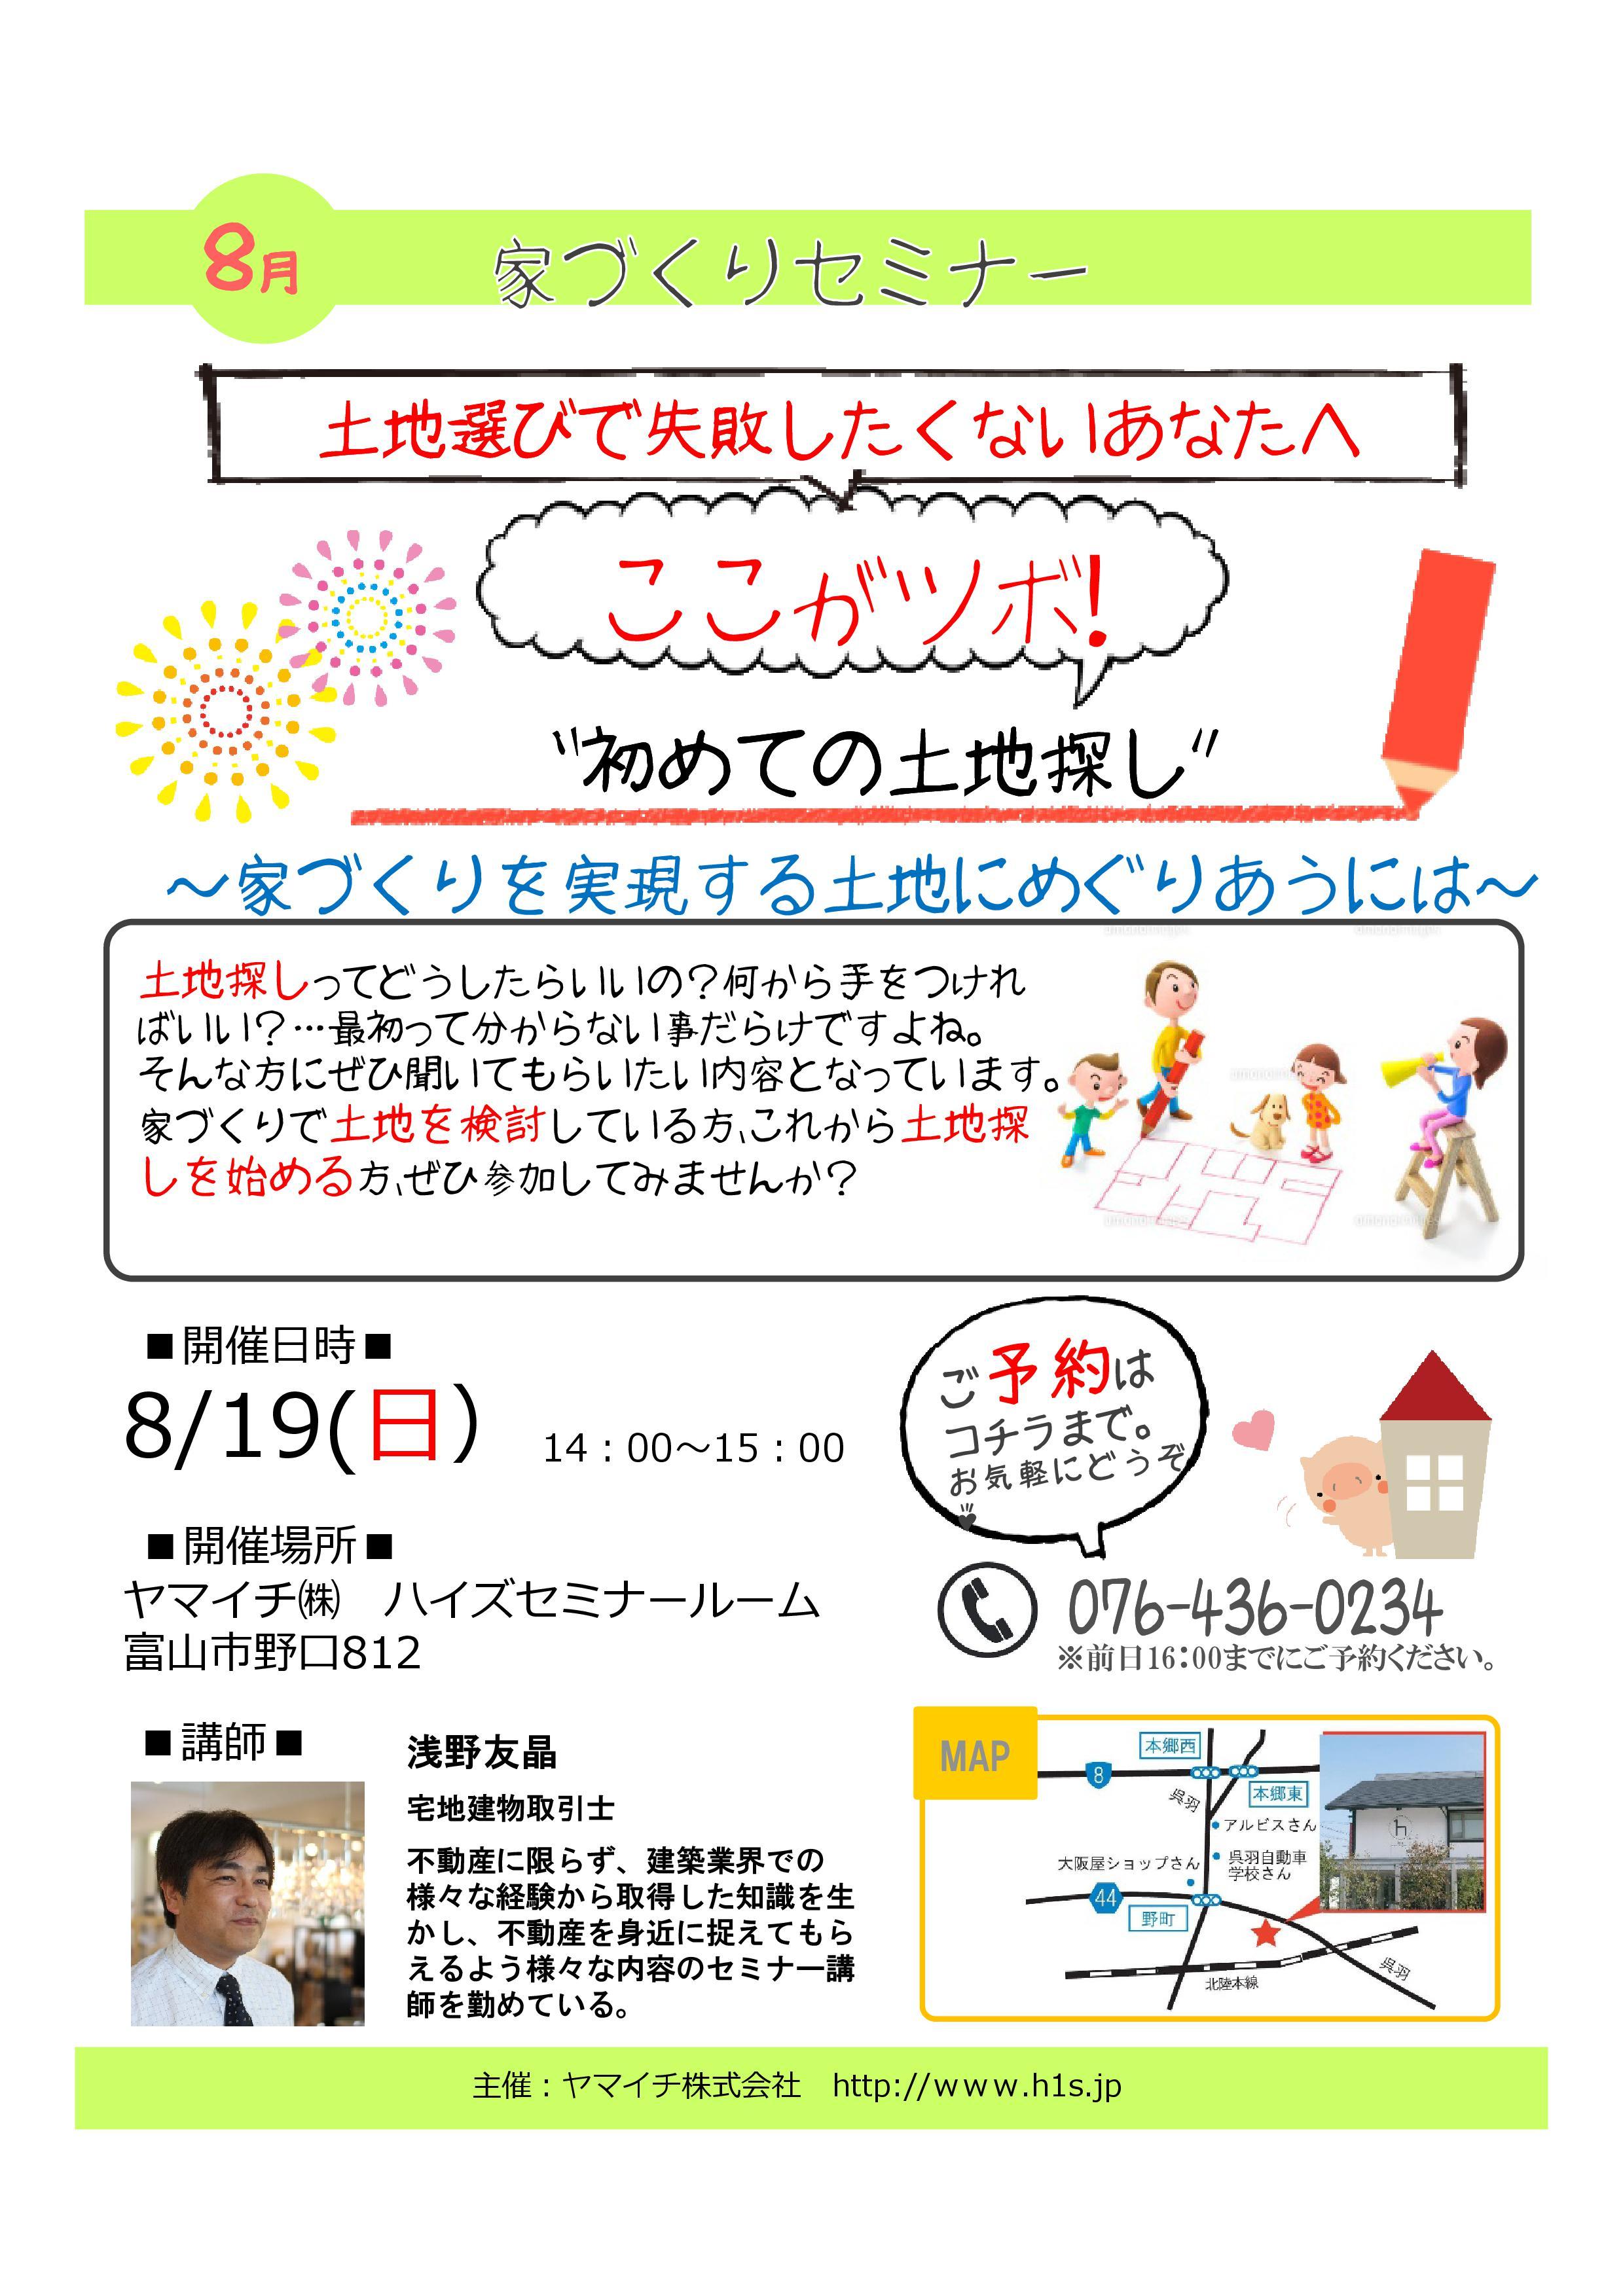 【セミナー】8/19(日)「初めての土地探し」